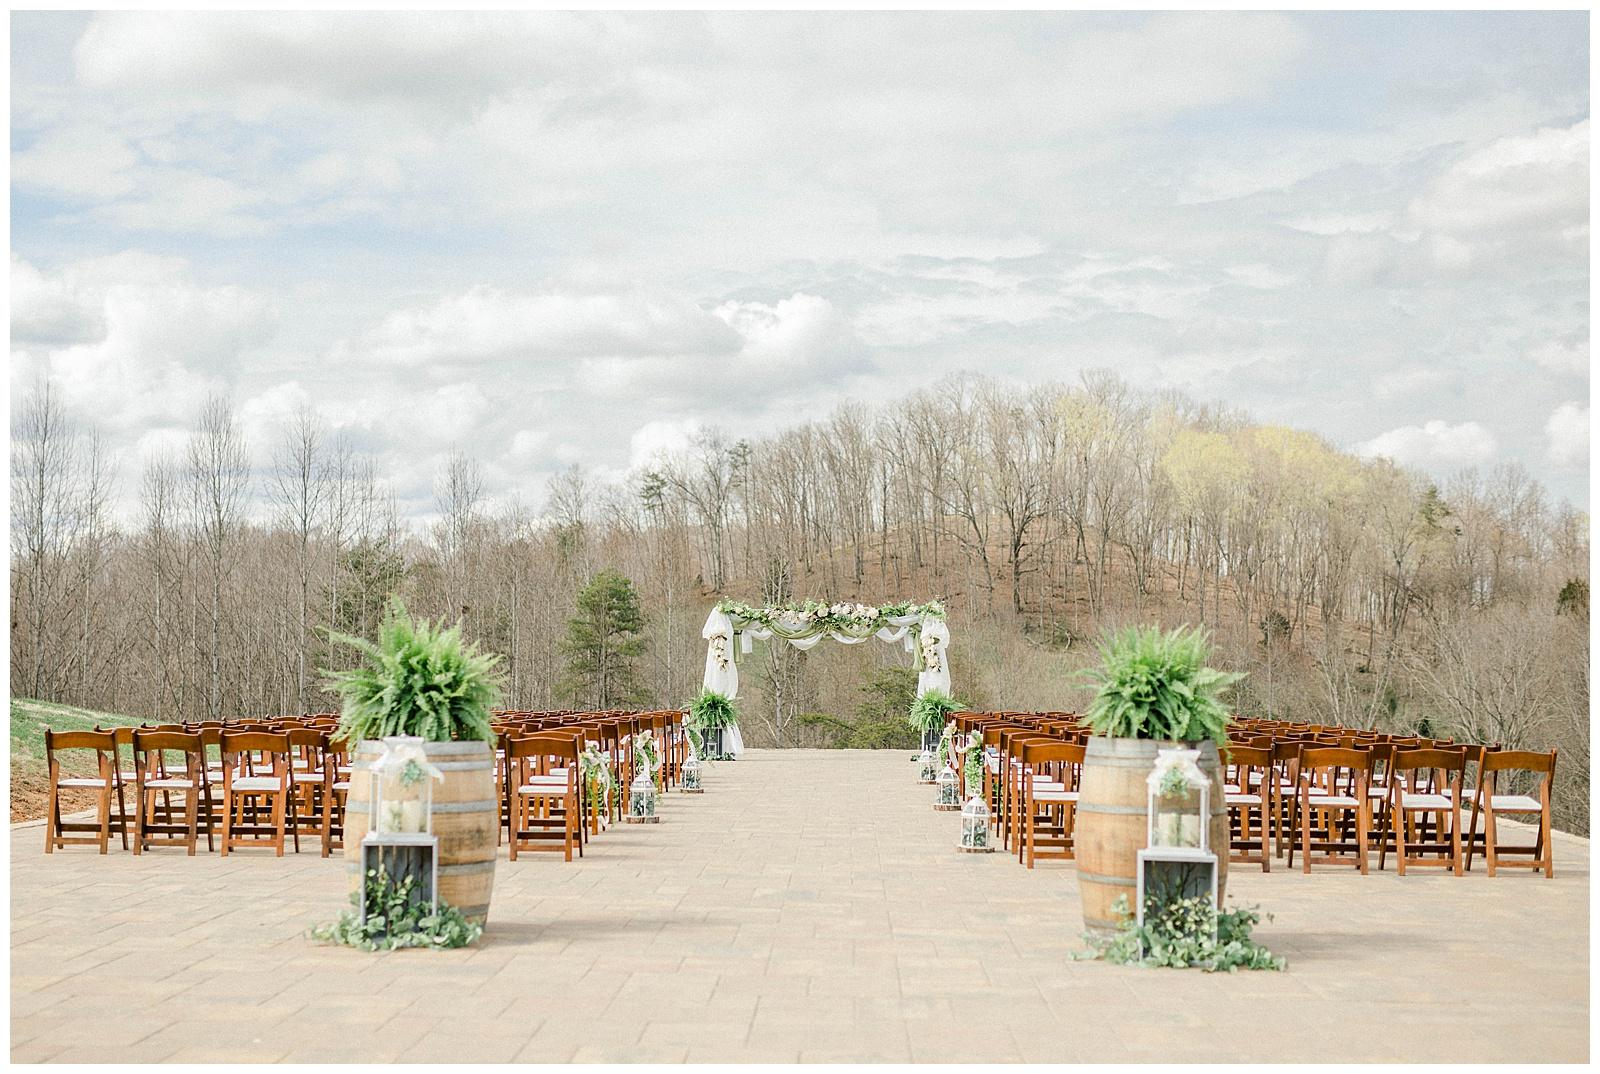 Lewis-Kara-Blakeman-Photography-Huntington-West-Virginia-Wedding-Barn-Olde-Homestead-21